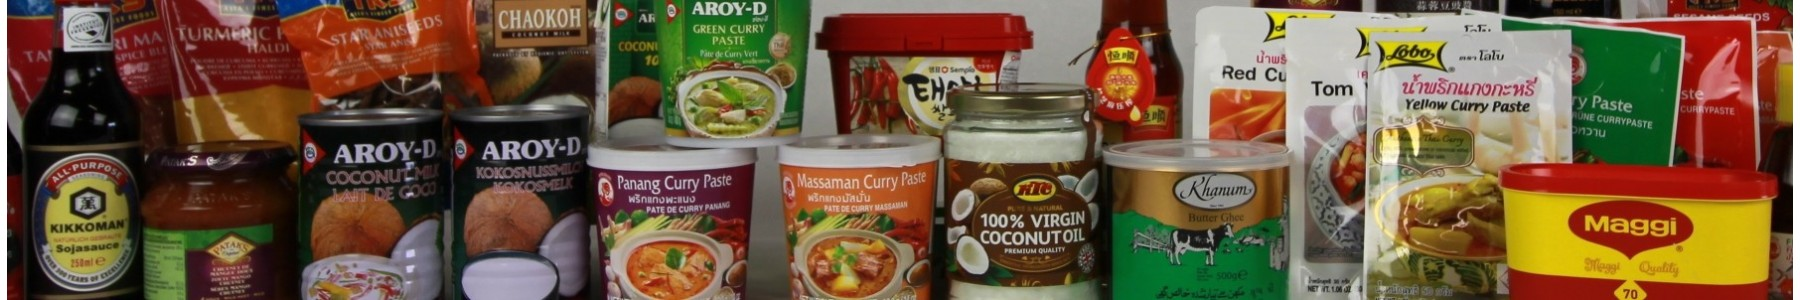 Épices, sauces, vinaigre & huile, pâtes d'épices, sucres,graines, coco